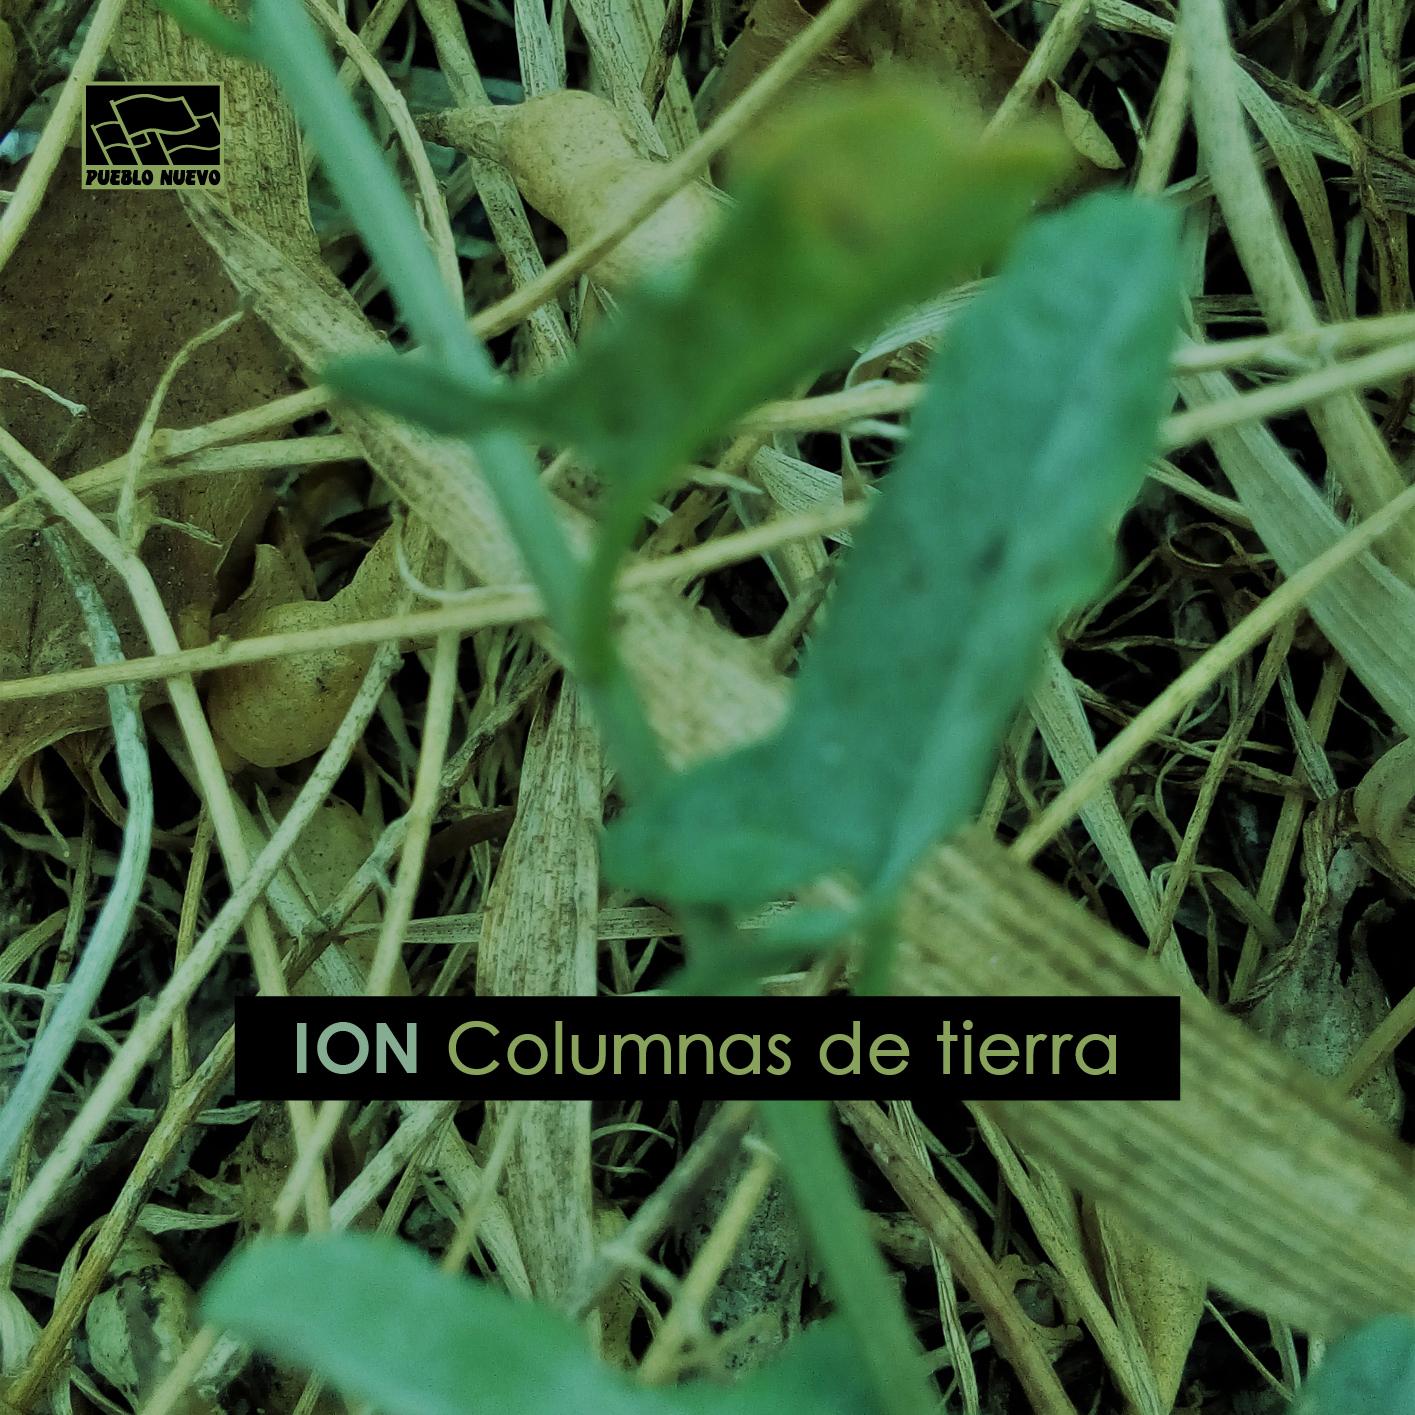 ION – Columnas de tierra